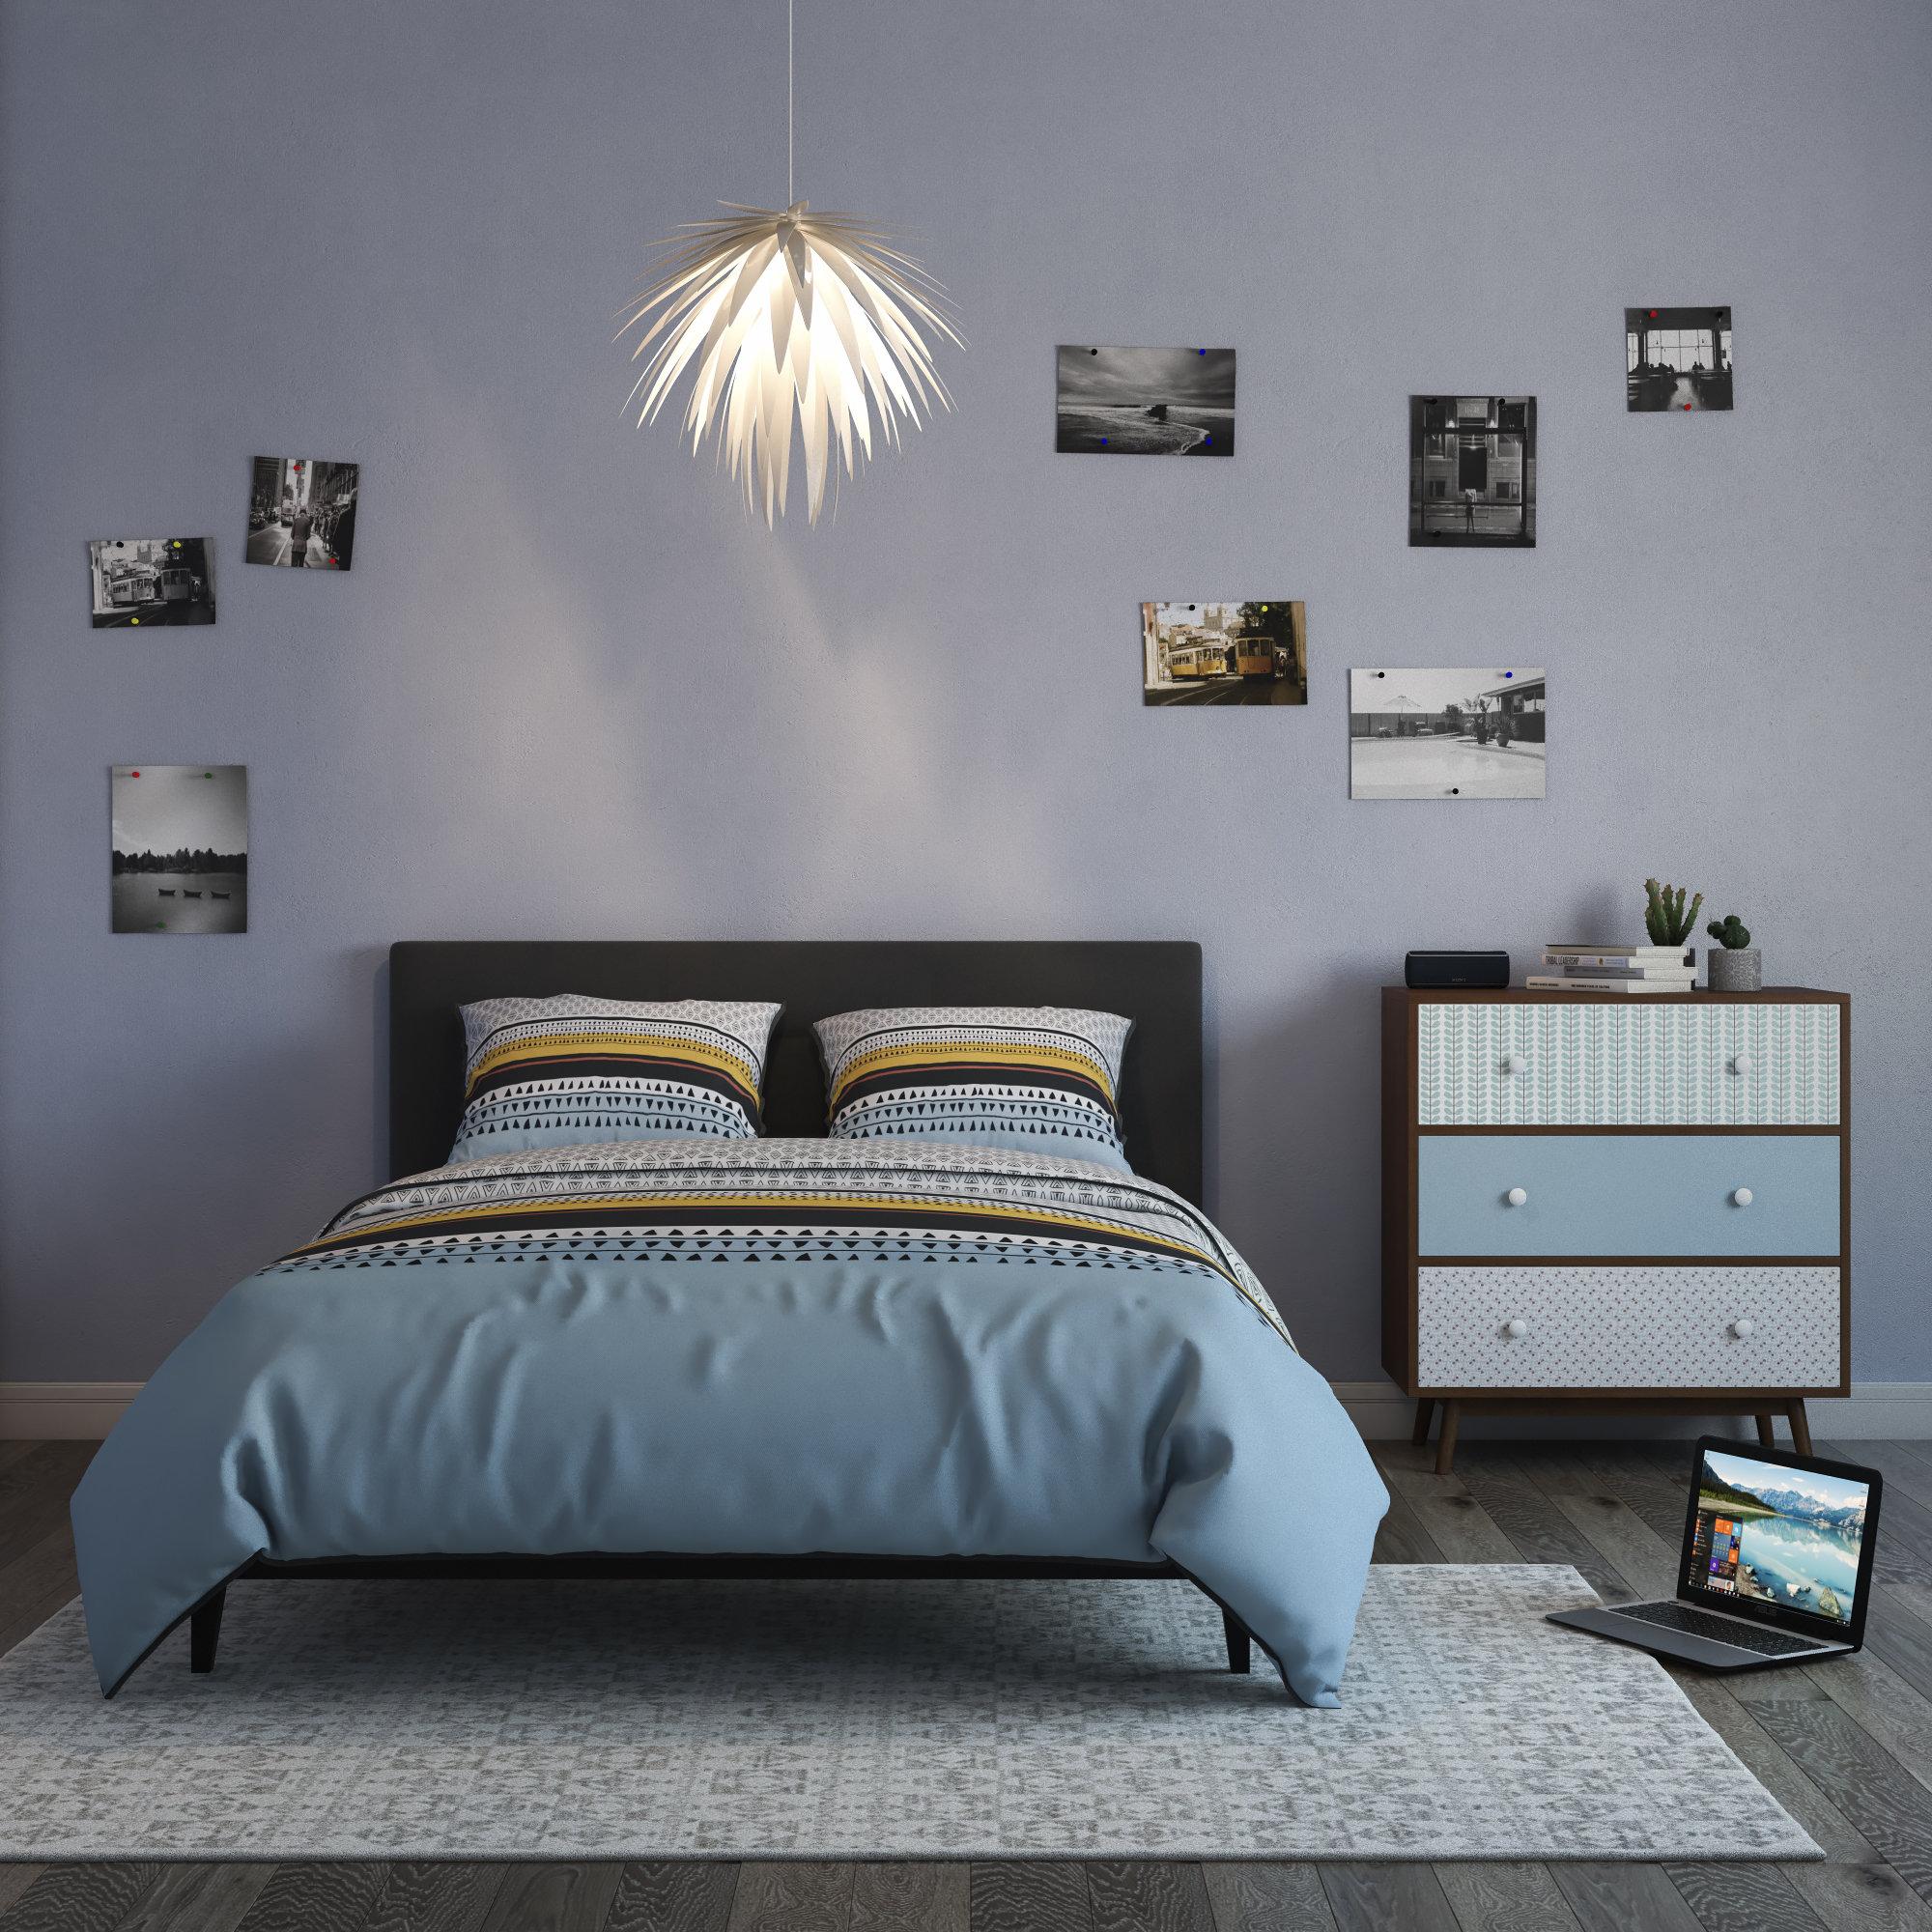 Chambre scandinave bleue grise marron inspiration style - Chambre bleu gris blanc ...